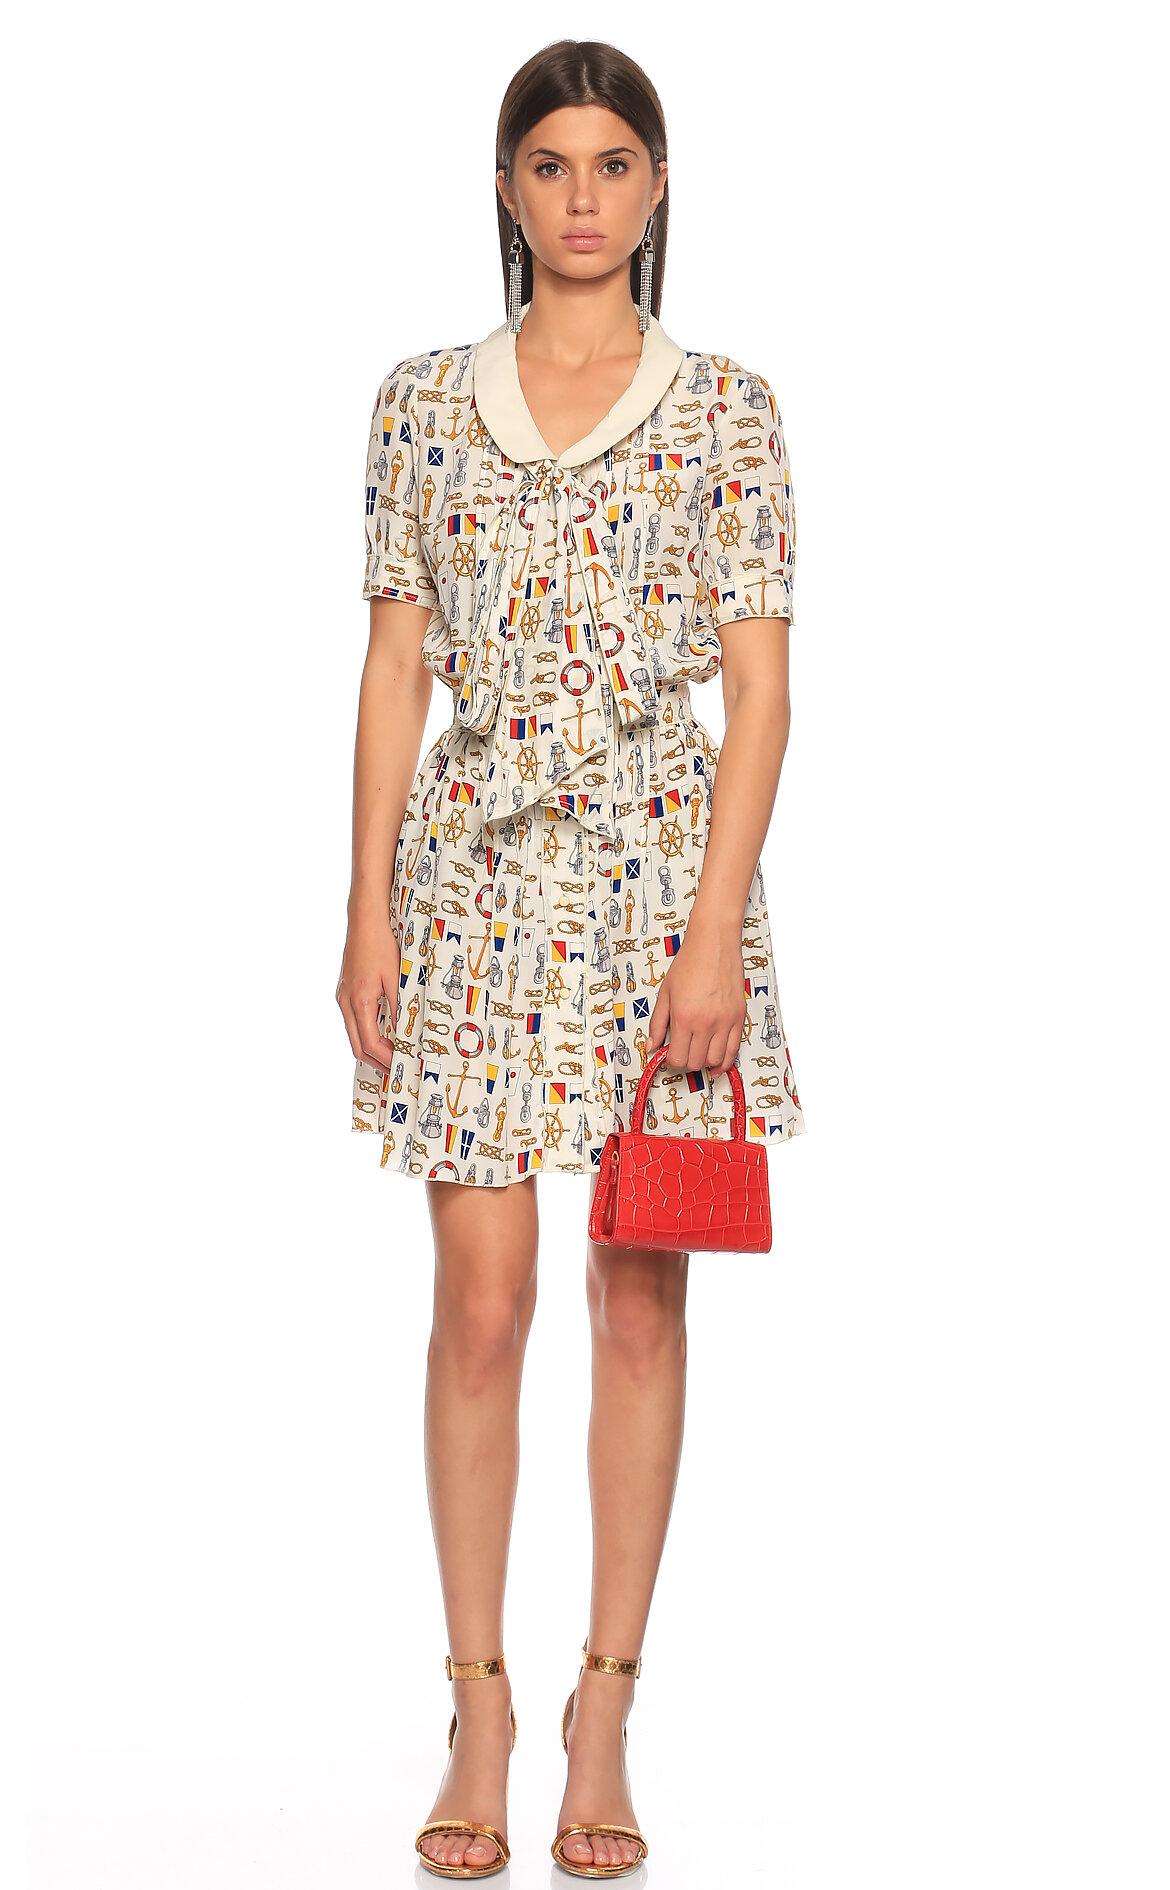 D&G-D&G Fular Yaka Mini Elbise